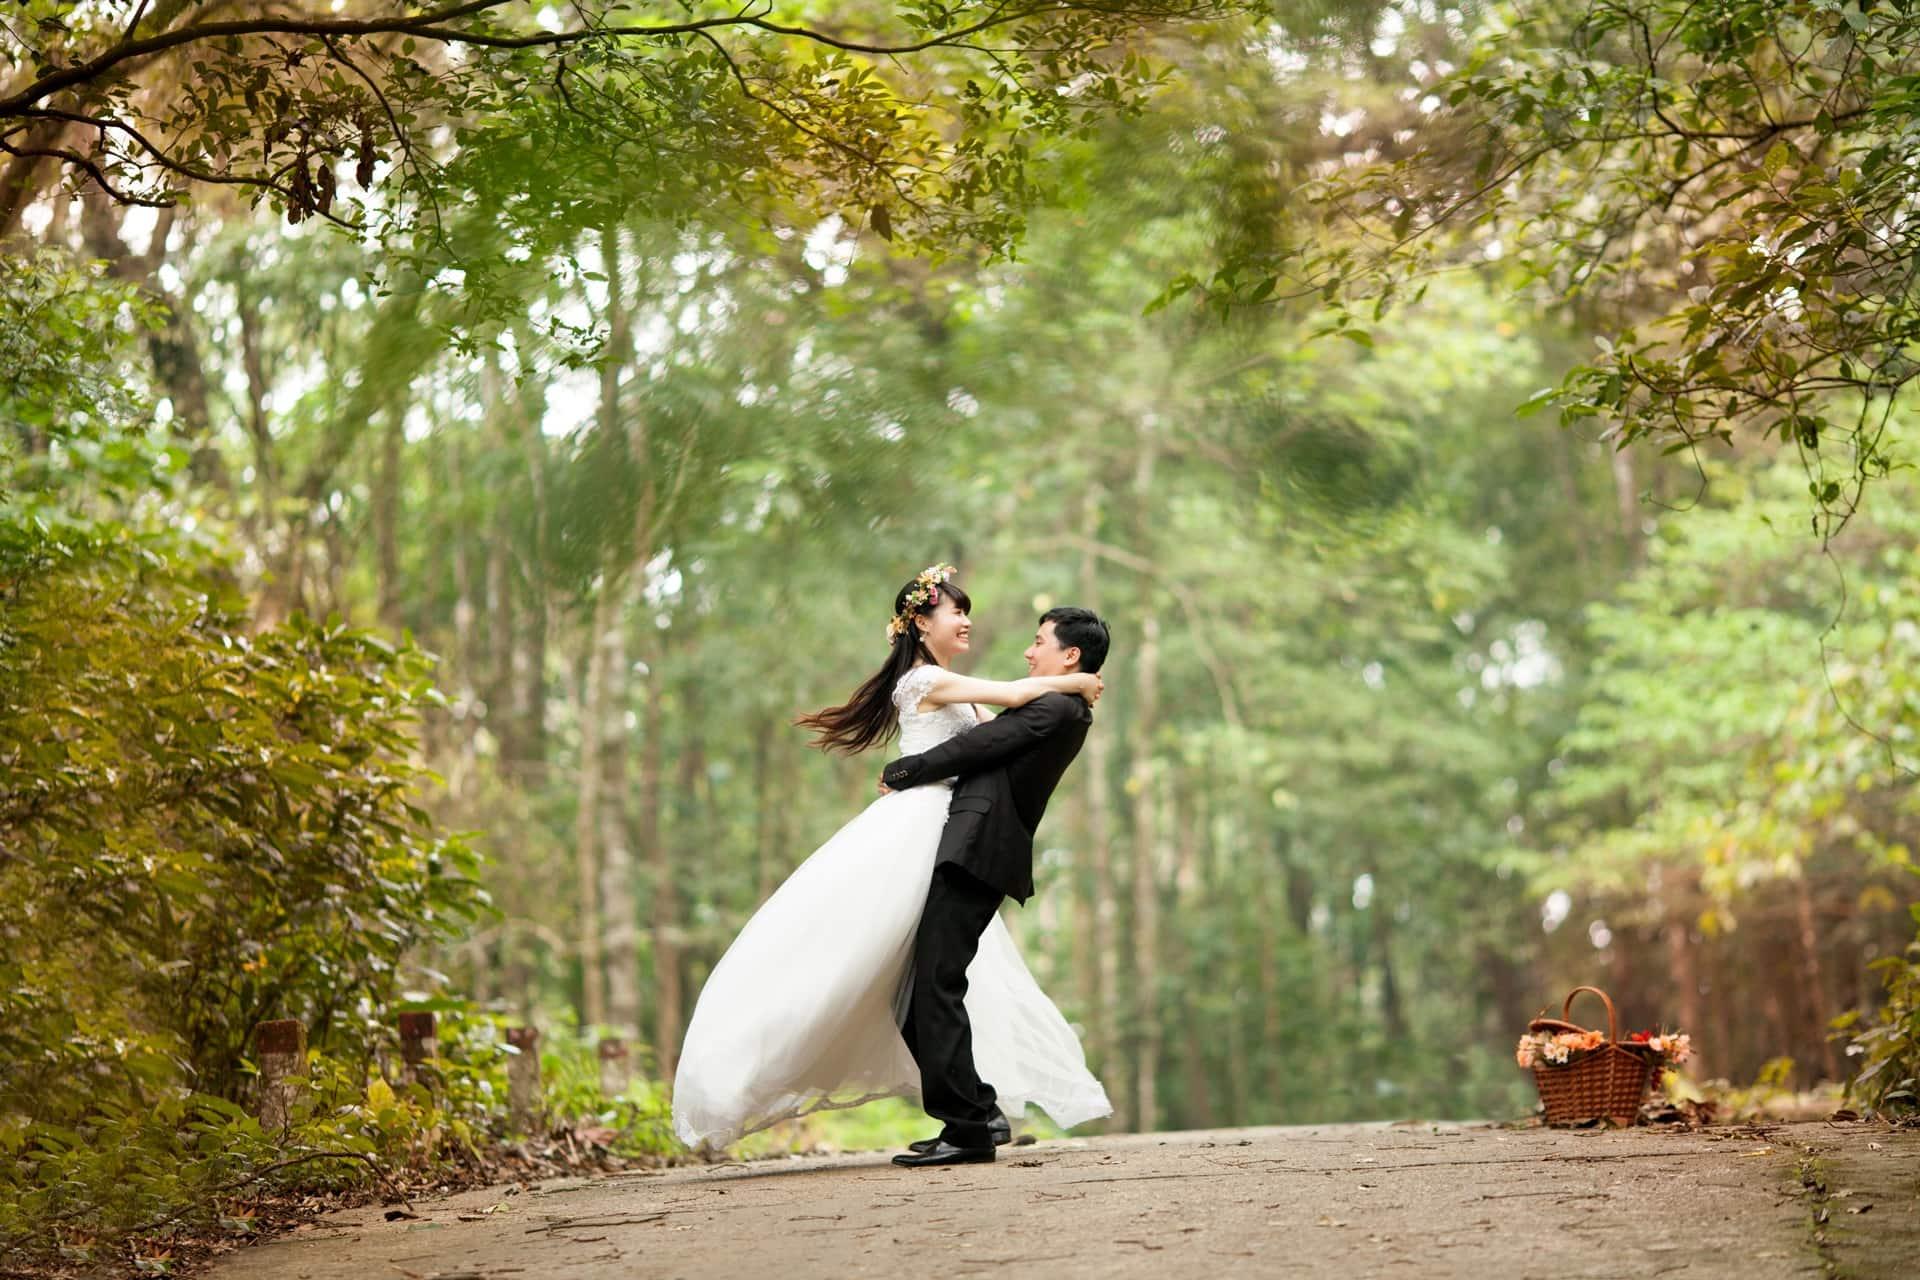 Психологи считают, что женщина готова к новым отношениям после развода, когда пропадают страхи и неуверенность